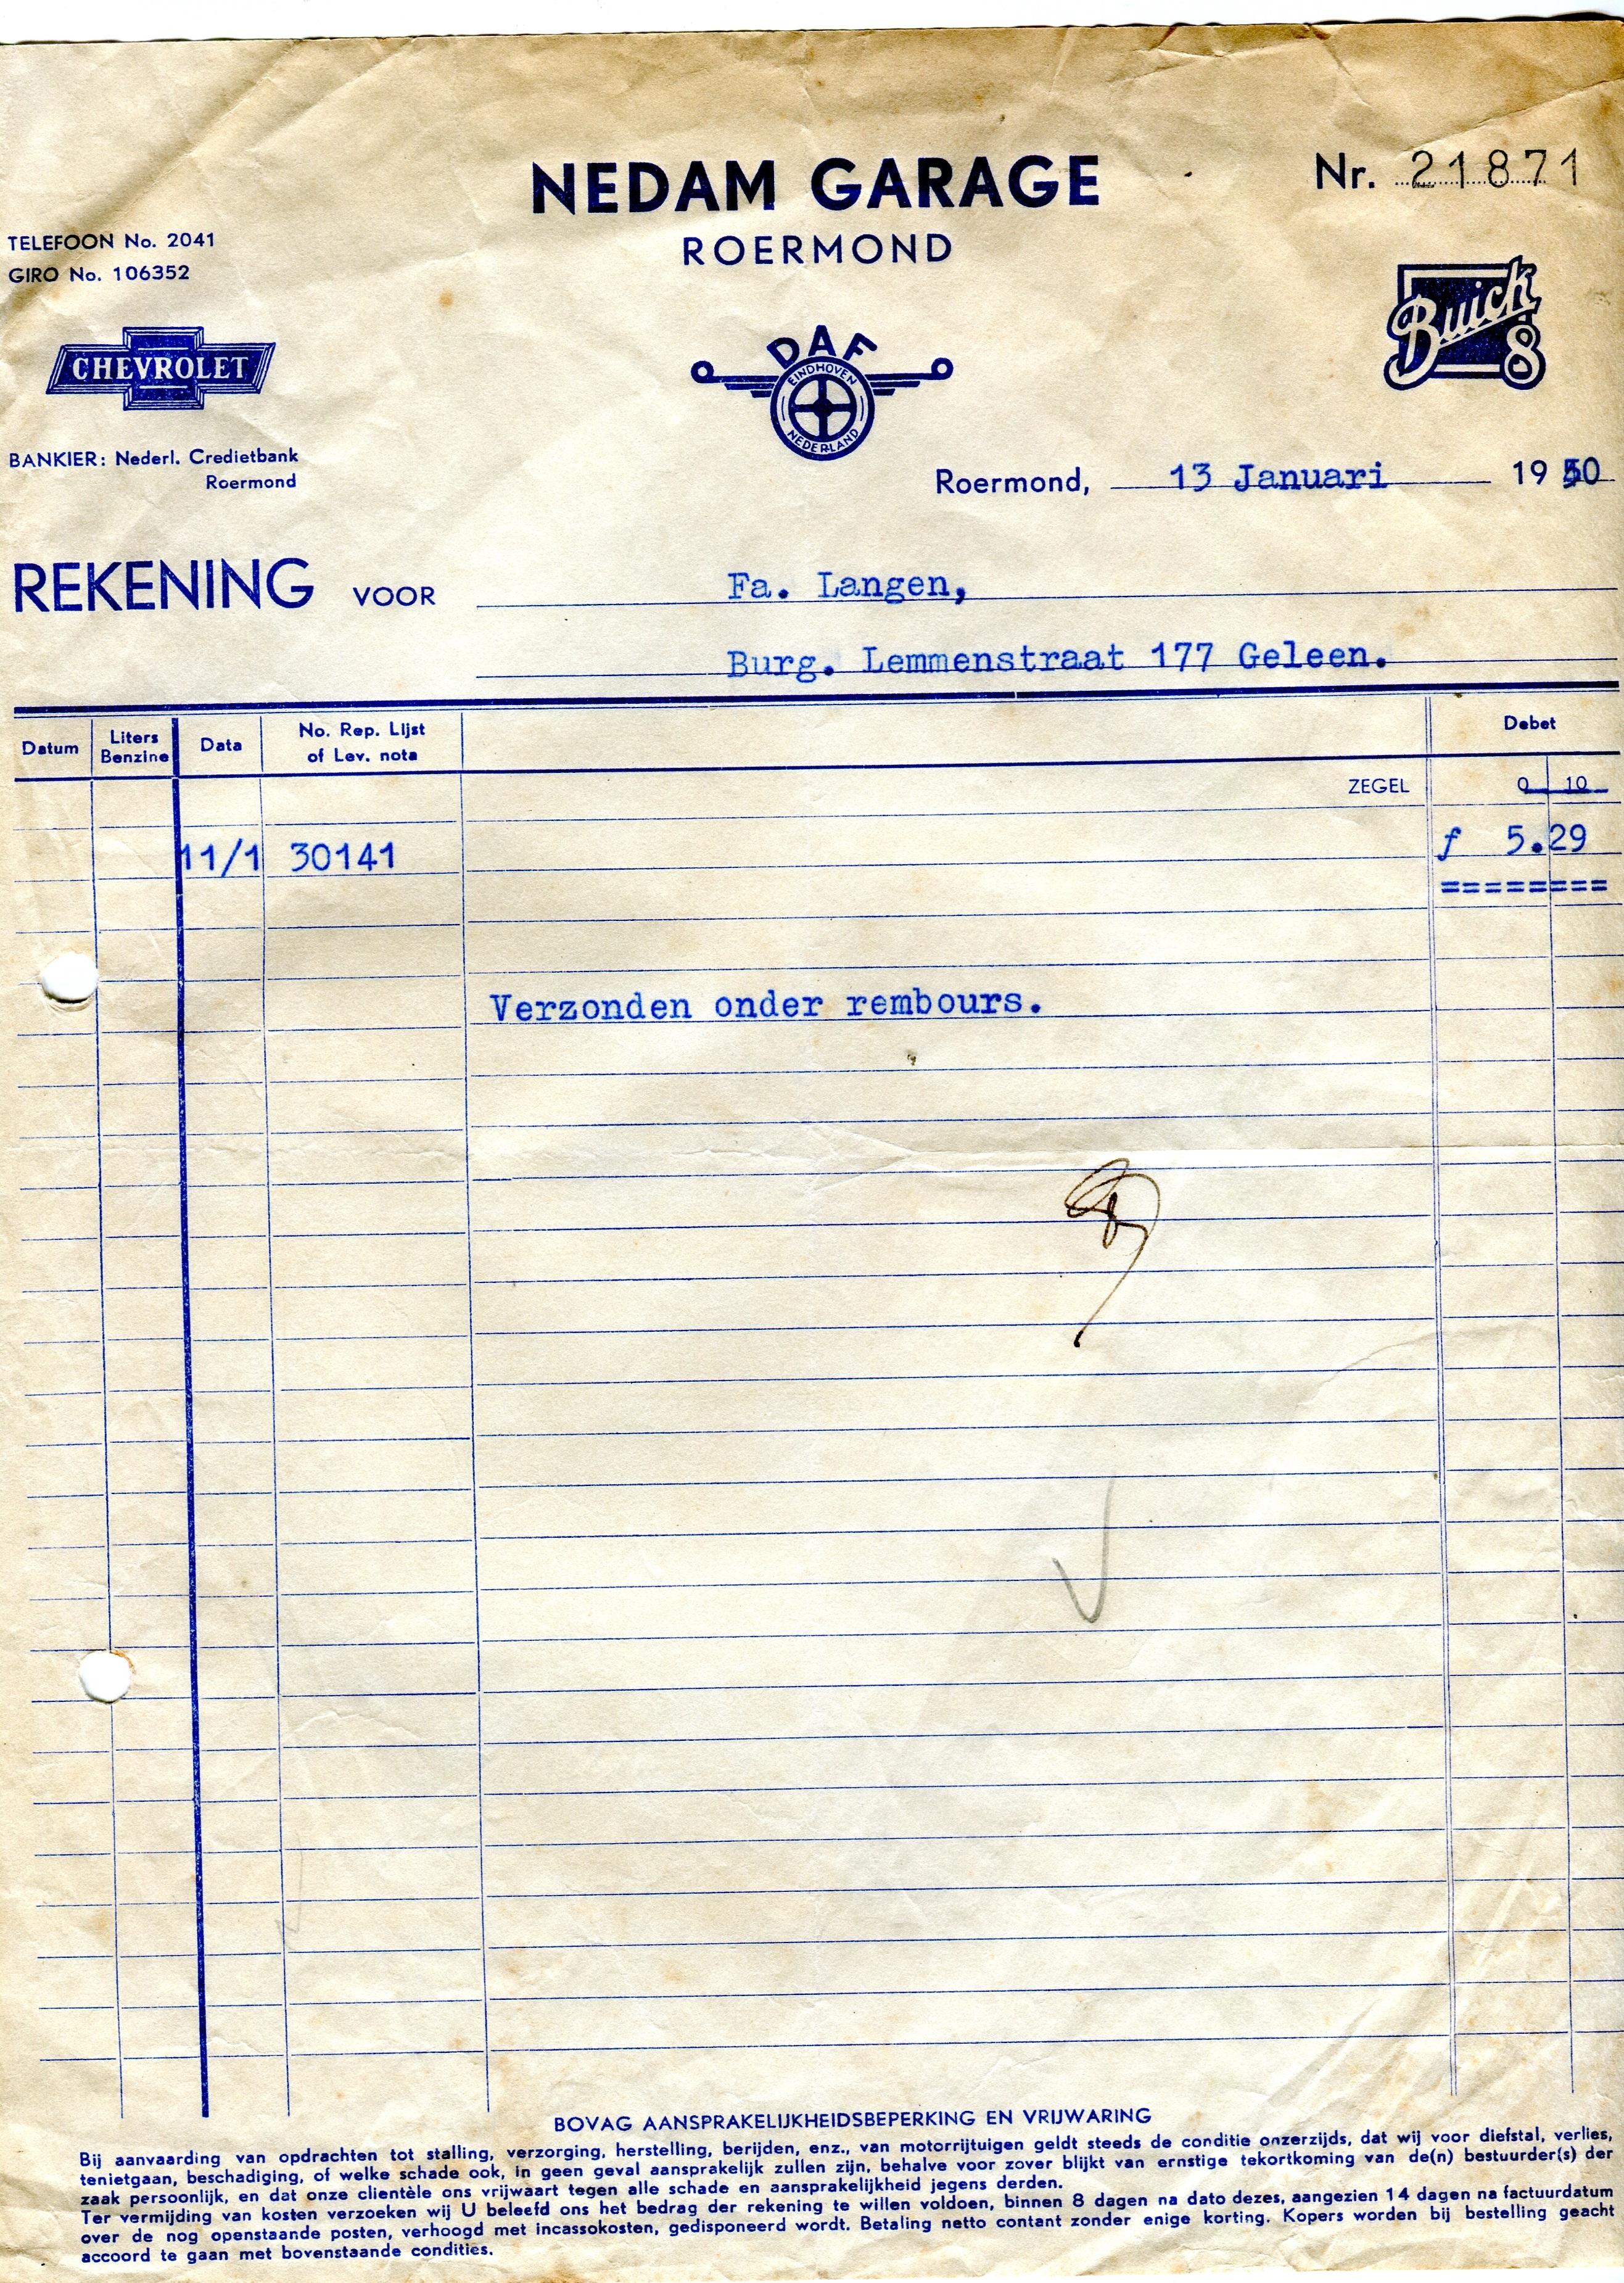 1950-Nedam-onderdelen